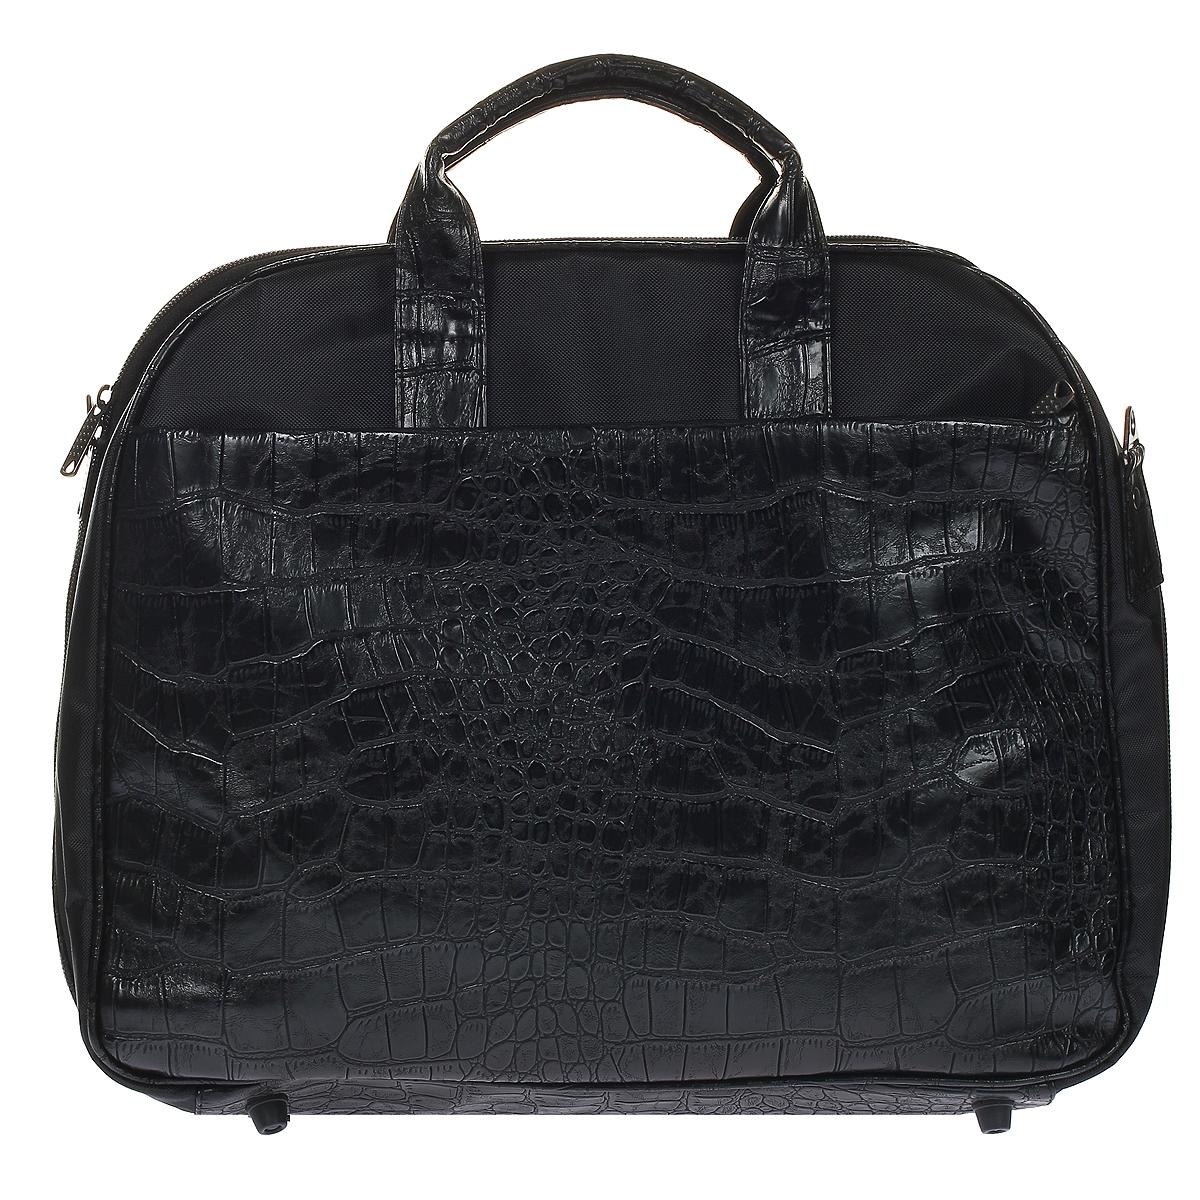 Сумка дорожная Antan, цвет: черный. 3-52 В3-52 В полиэстер+иск кожа крокодил/черныйДорожная вместительная сумка Antan выполнена из искусственной кожи и полиэстера черного цвета. Сумка состоит из одного главного отделения, закрывающегося на застежку-молнию. Внутри - вшитый карман на застежке-молнии и три нашивных кармашка. На задней и передней сторонах сумки расположены карманы на молнии. Боковые стороны сумки крепятся между собой с помощью липучки, что позволяет раскрыть сумку полностью. Сумка оснащена двумя удобными ручками и съемным плечевым ремнем регулируемой длины. Дно сумки оснащено пластмассовыми ножками для лучшей устойчивости. Такая сумка - незаменимый аксессуар для путешествия.